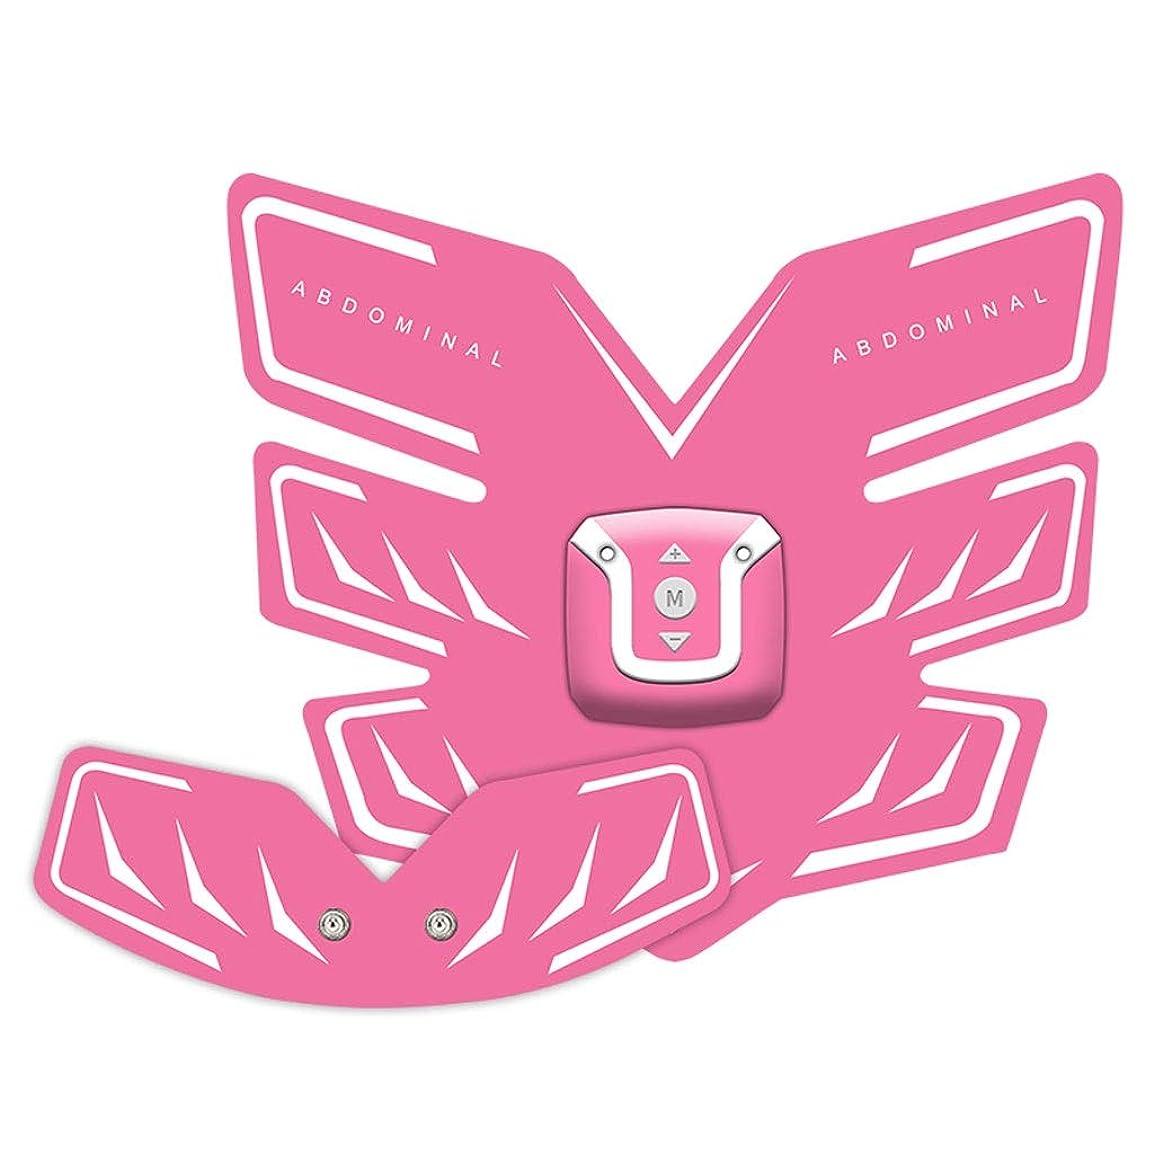 ゆり作曲家デモンストレーションUsb充電筋肉トナー腹筋absシミュレータ腹部トレーニングワイヤレスemsトレーニングホームオフィス用腹部腕脚トレーニングホームオフィスエクササイズ (Color : Pink, Size : A+B)